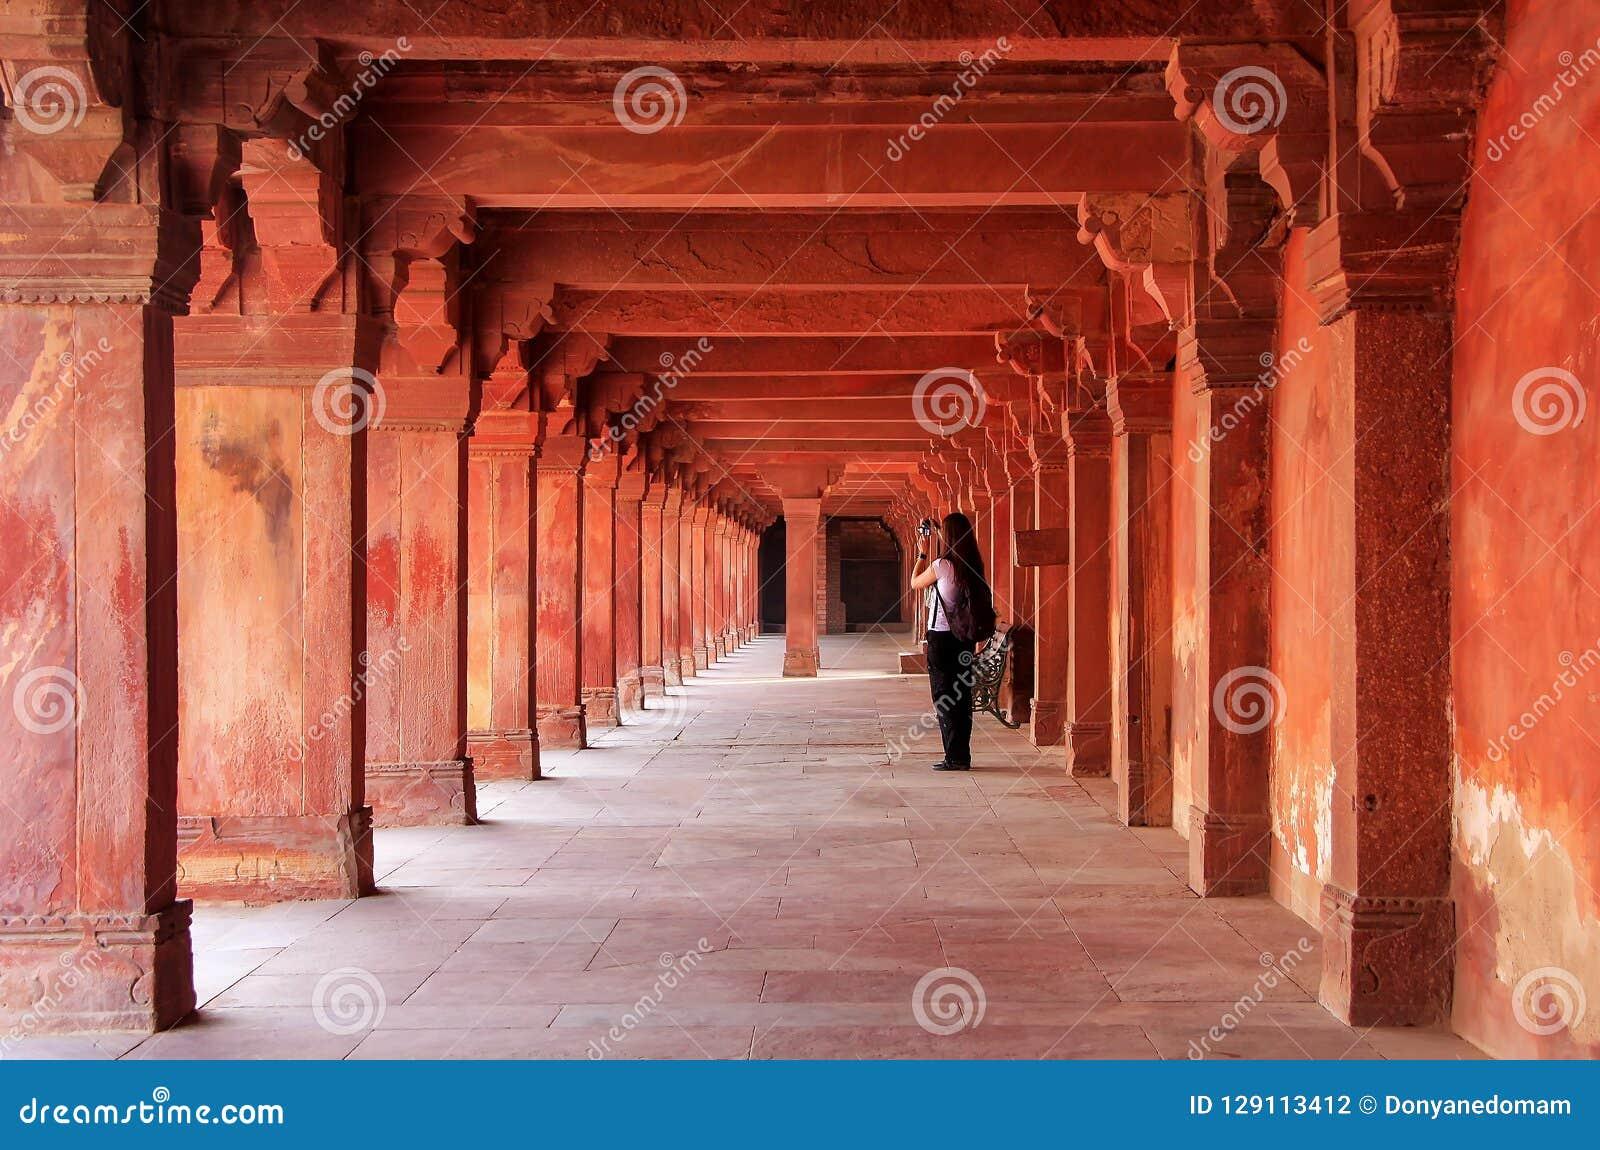 Kolonnade von Panch Mahal in Fatehpur Sikri, Uttar Pradesh, Indien